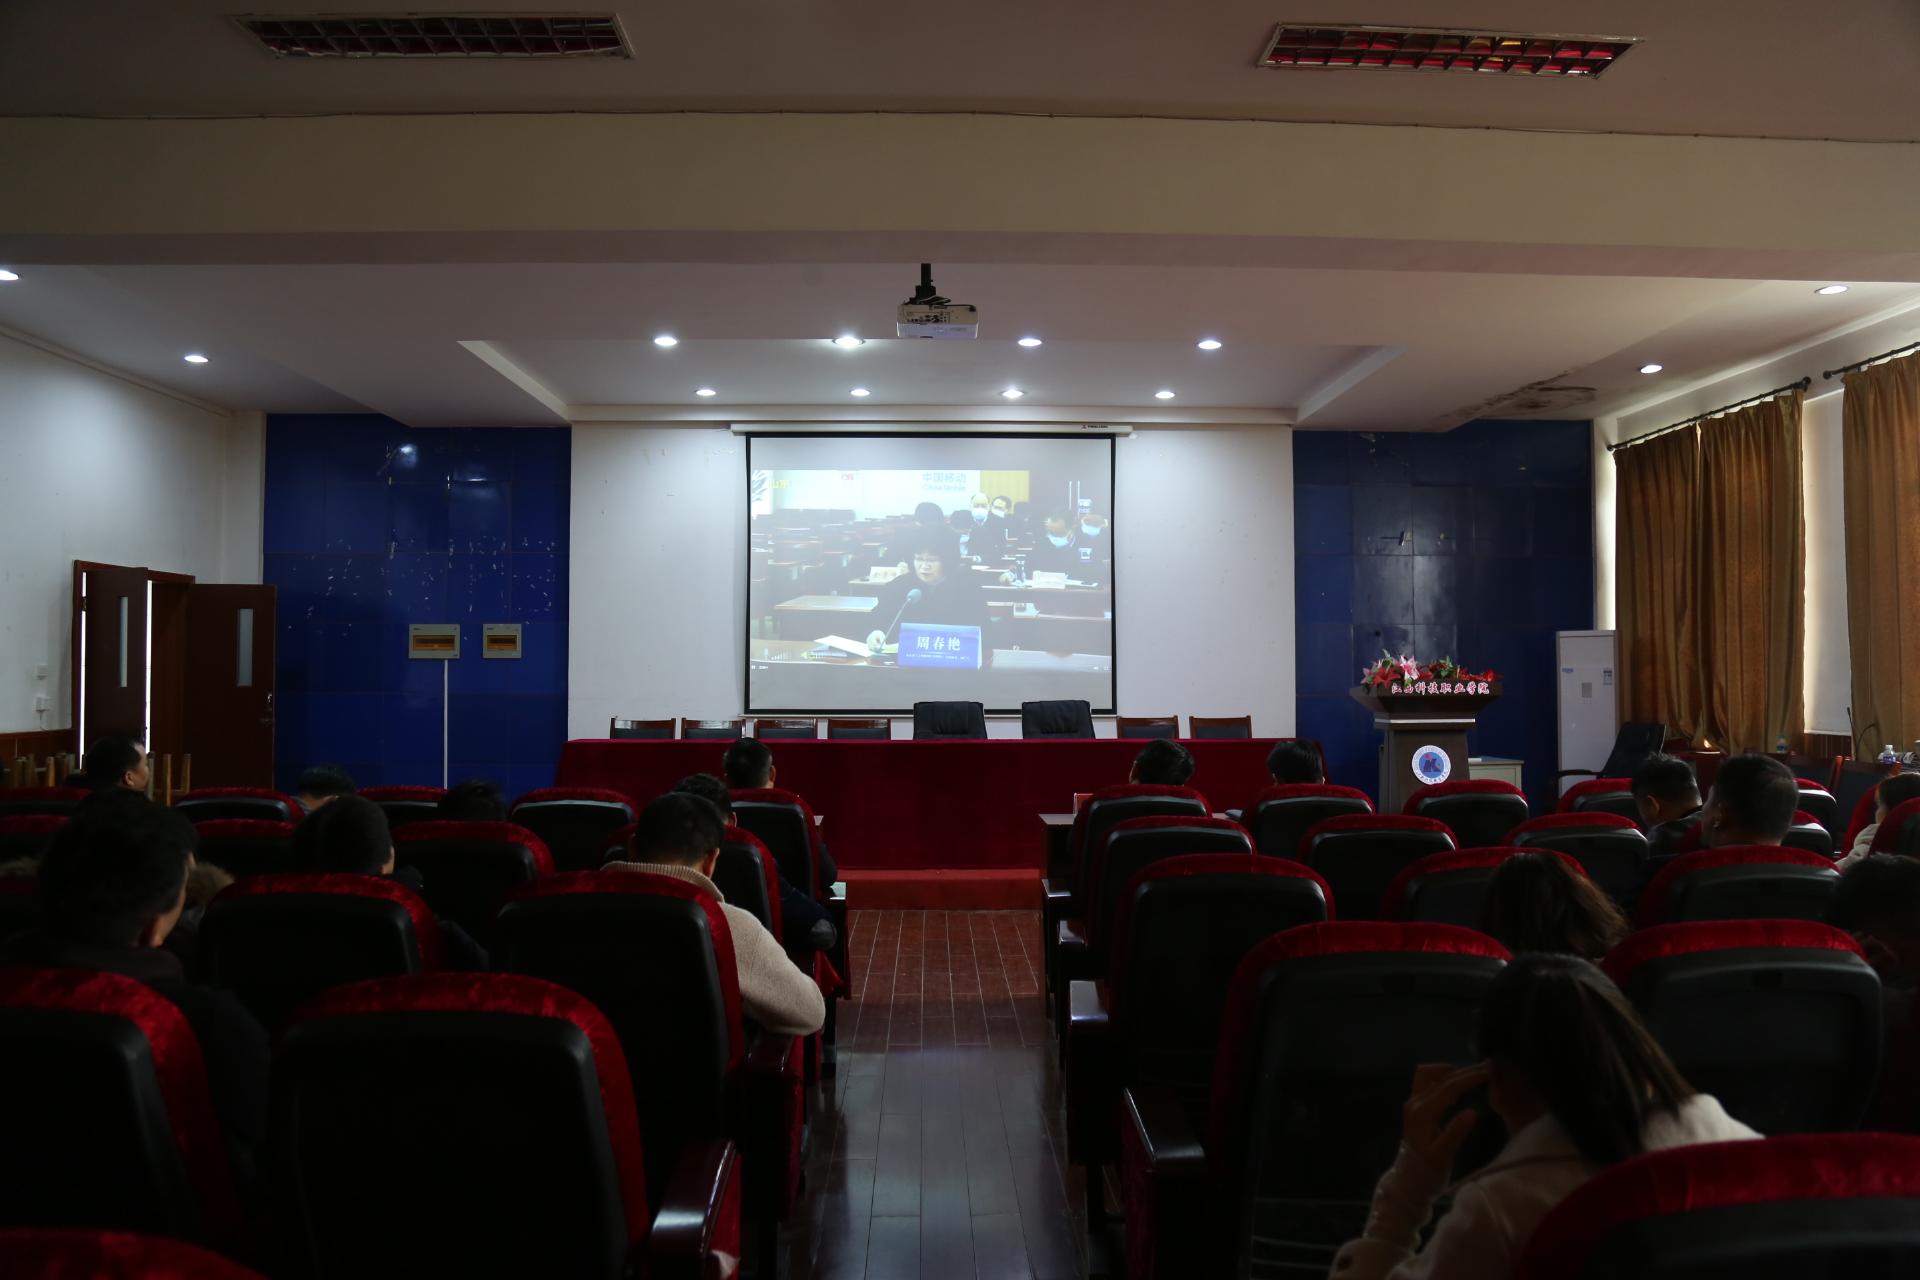 我校组织召开2021届全国普通高校毕业生就业创业工作网络视频会议